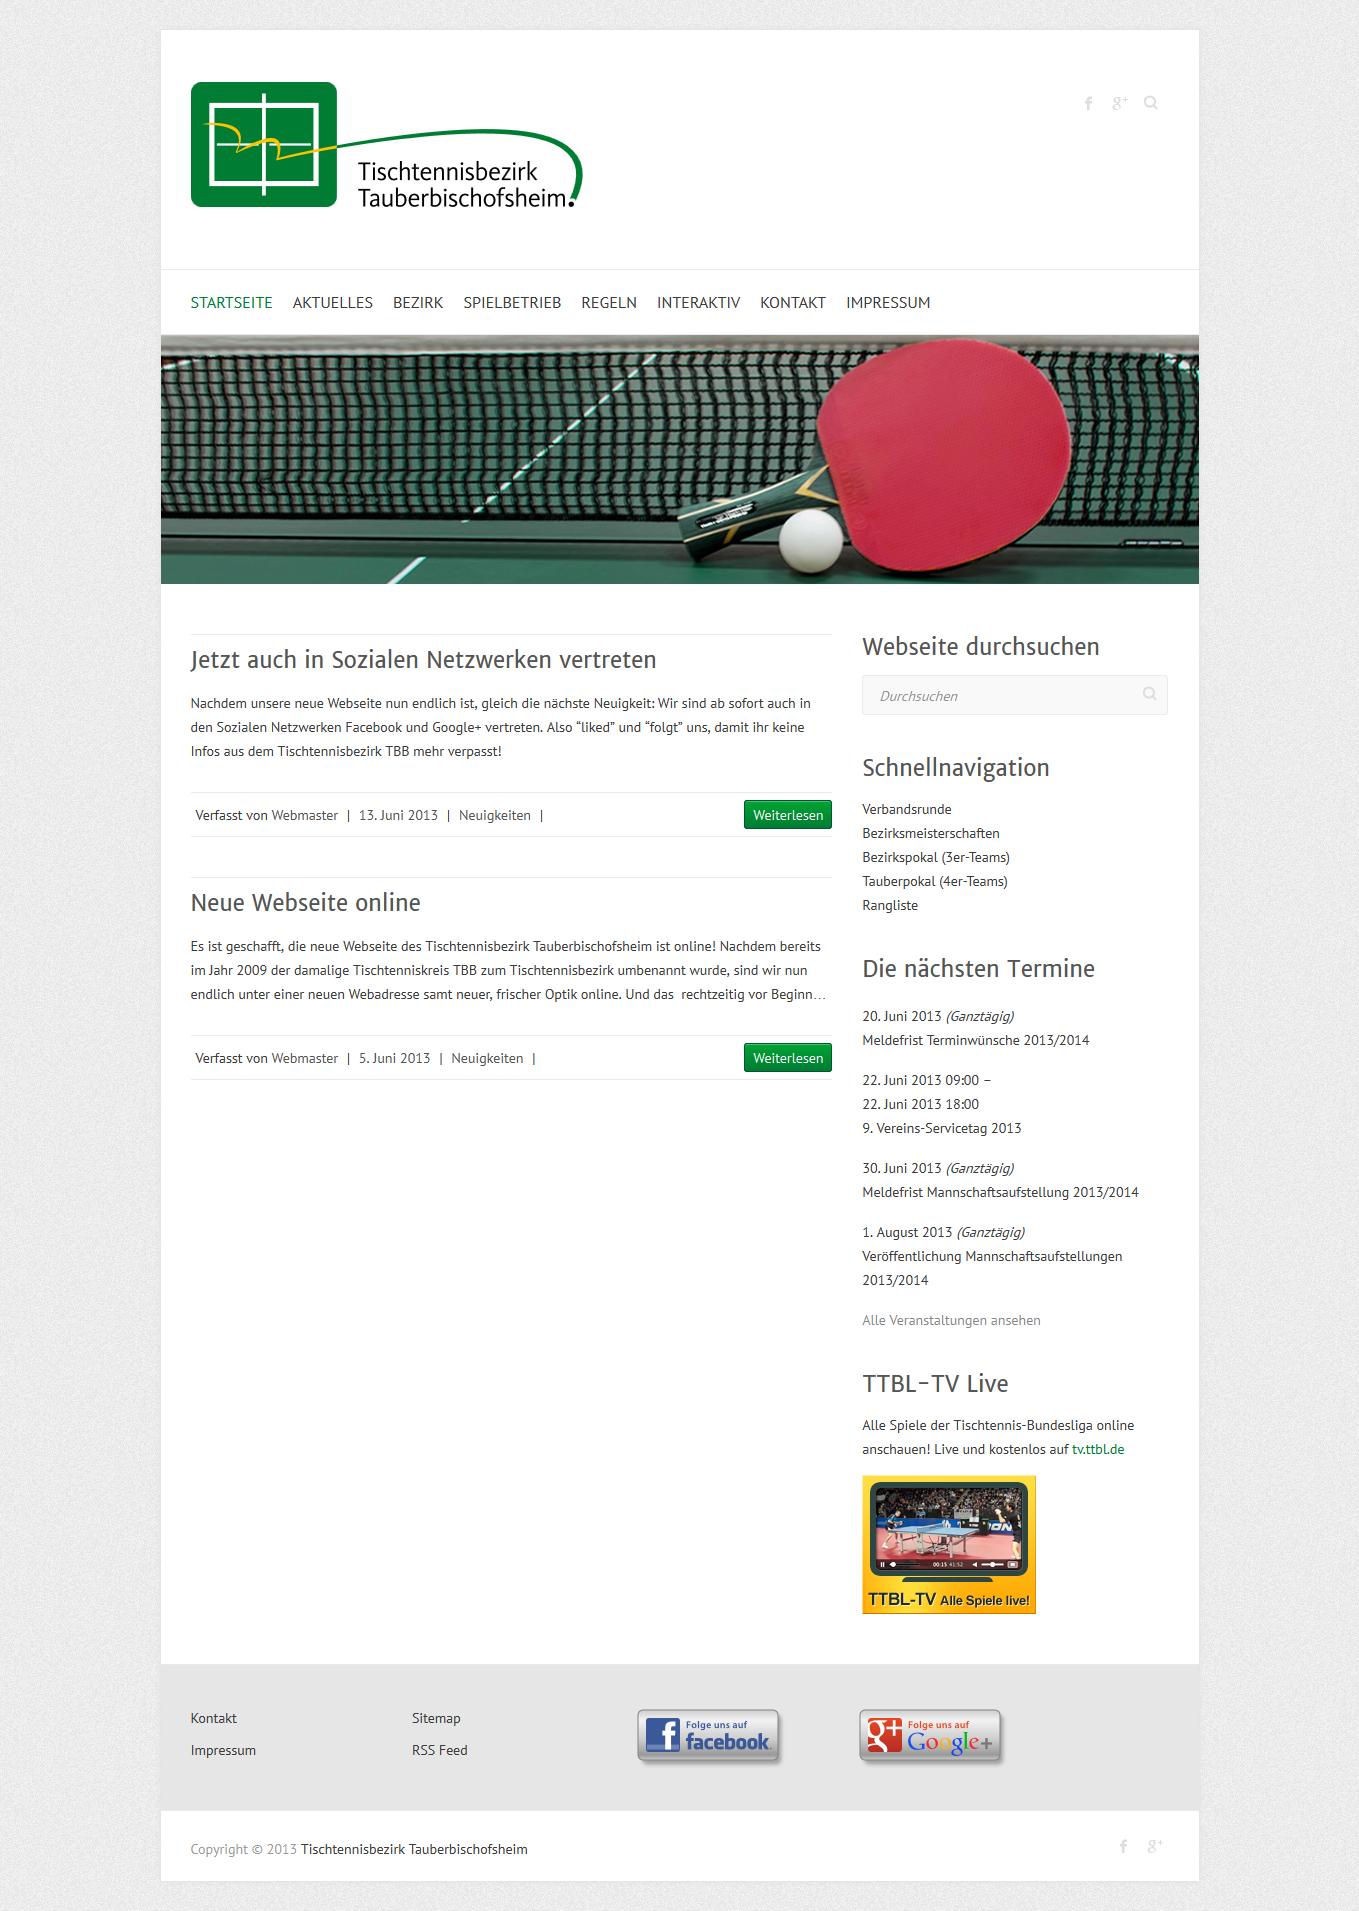 Bild: Standard-Ansicht der neuen Webseite in einem Desktop-Browser.